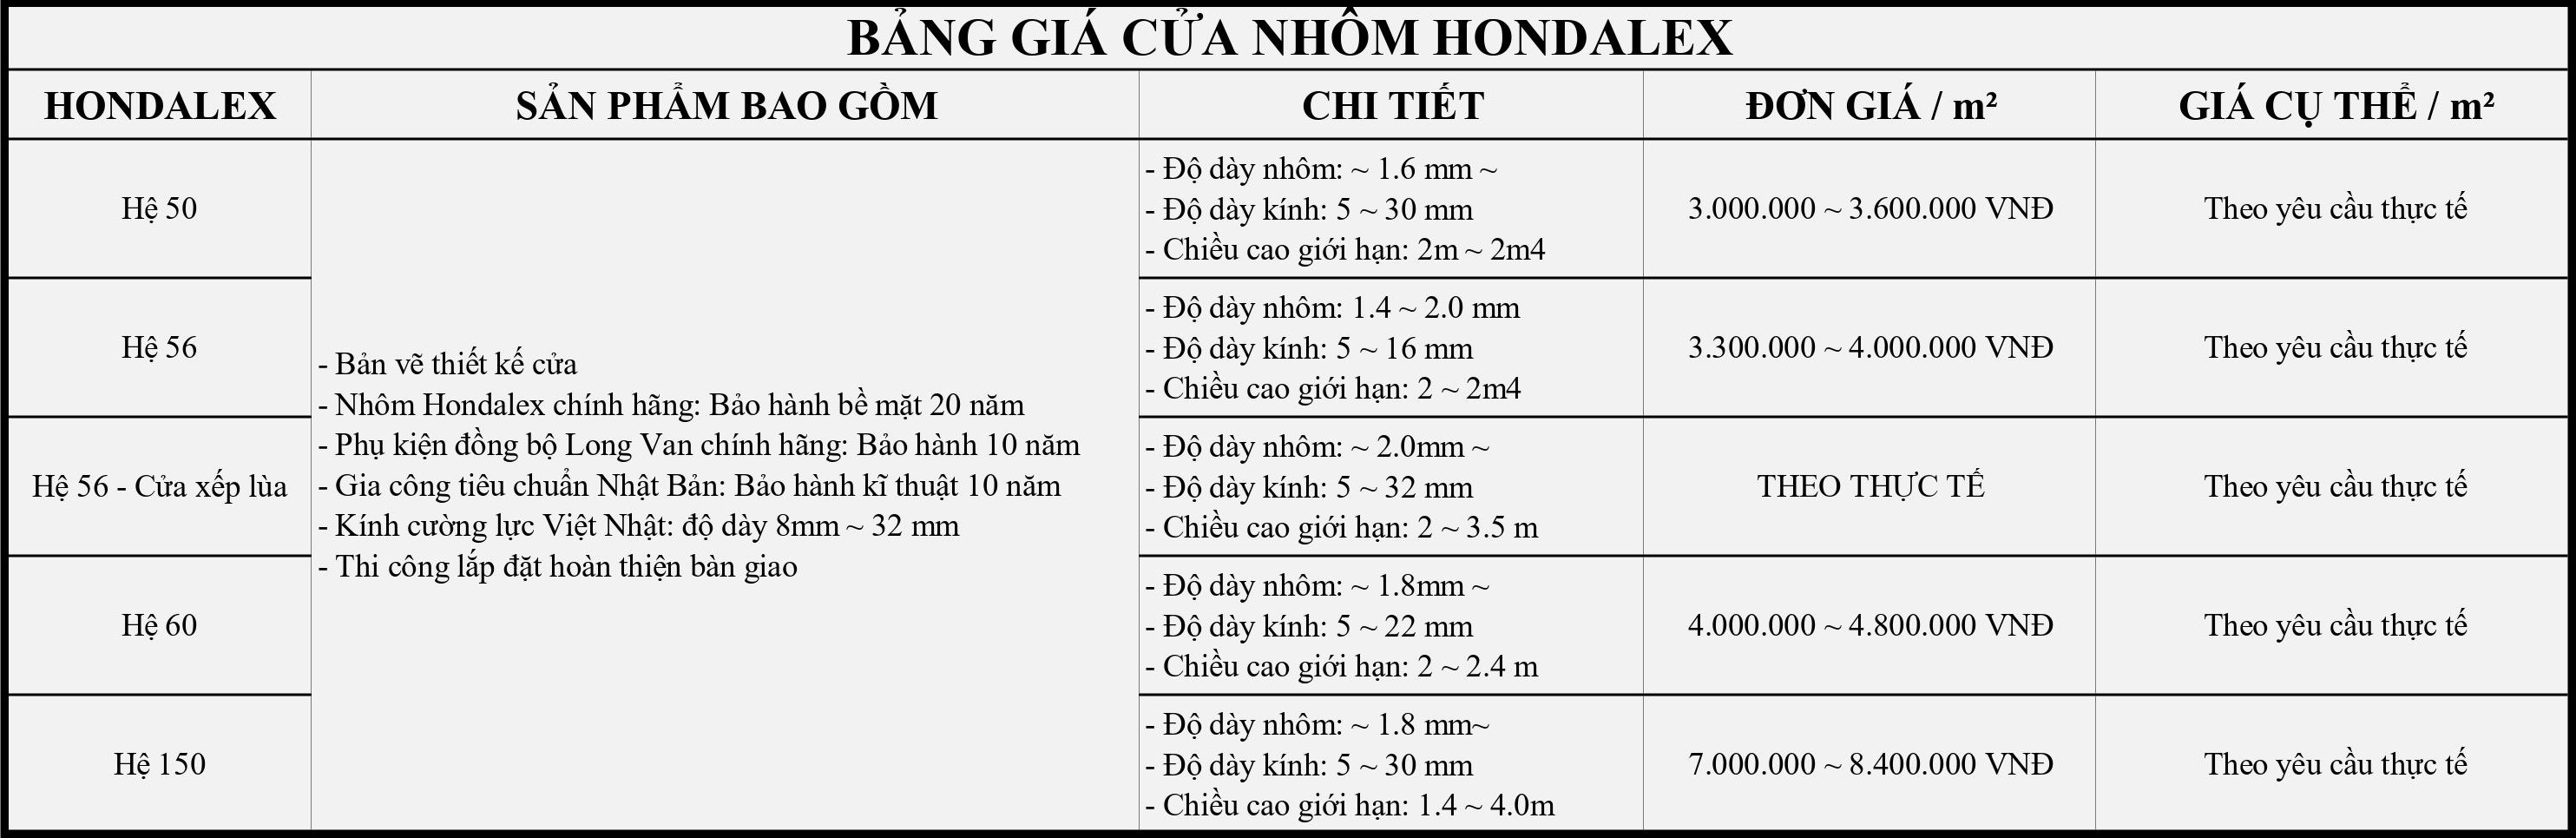 Giá cửa nhôm Hondalex